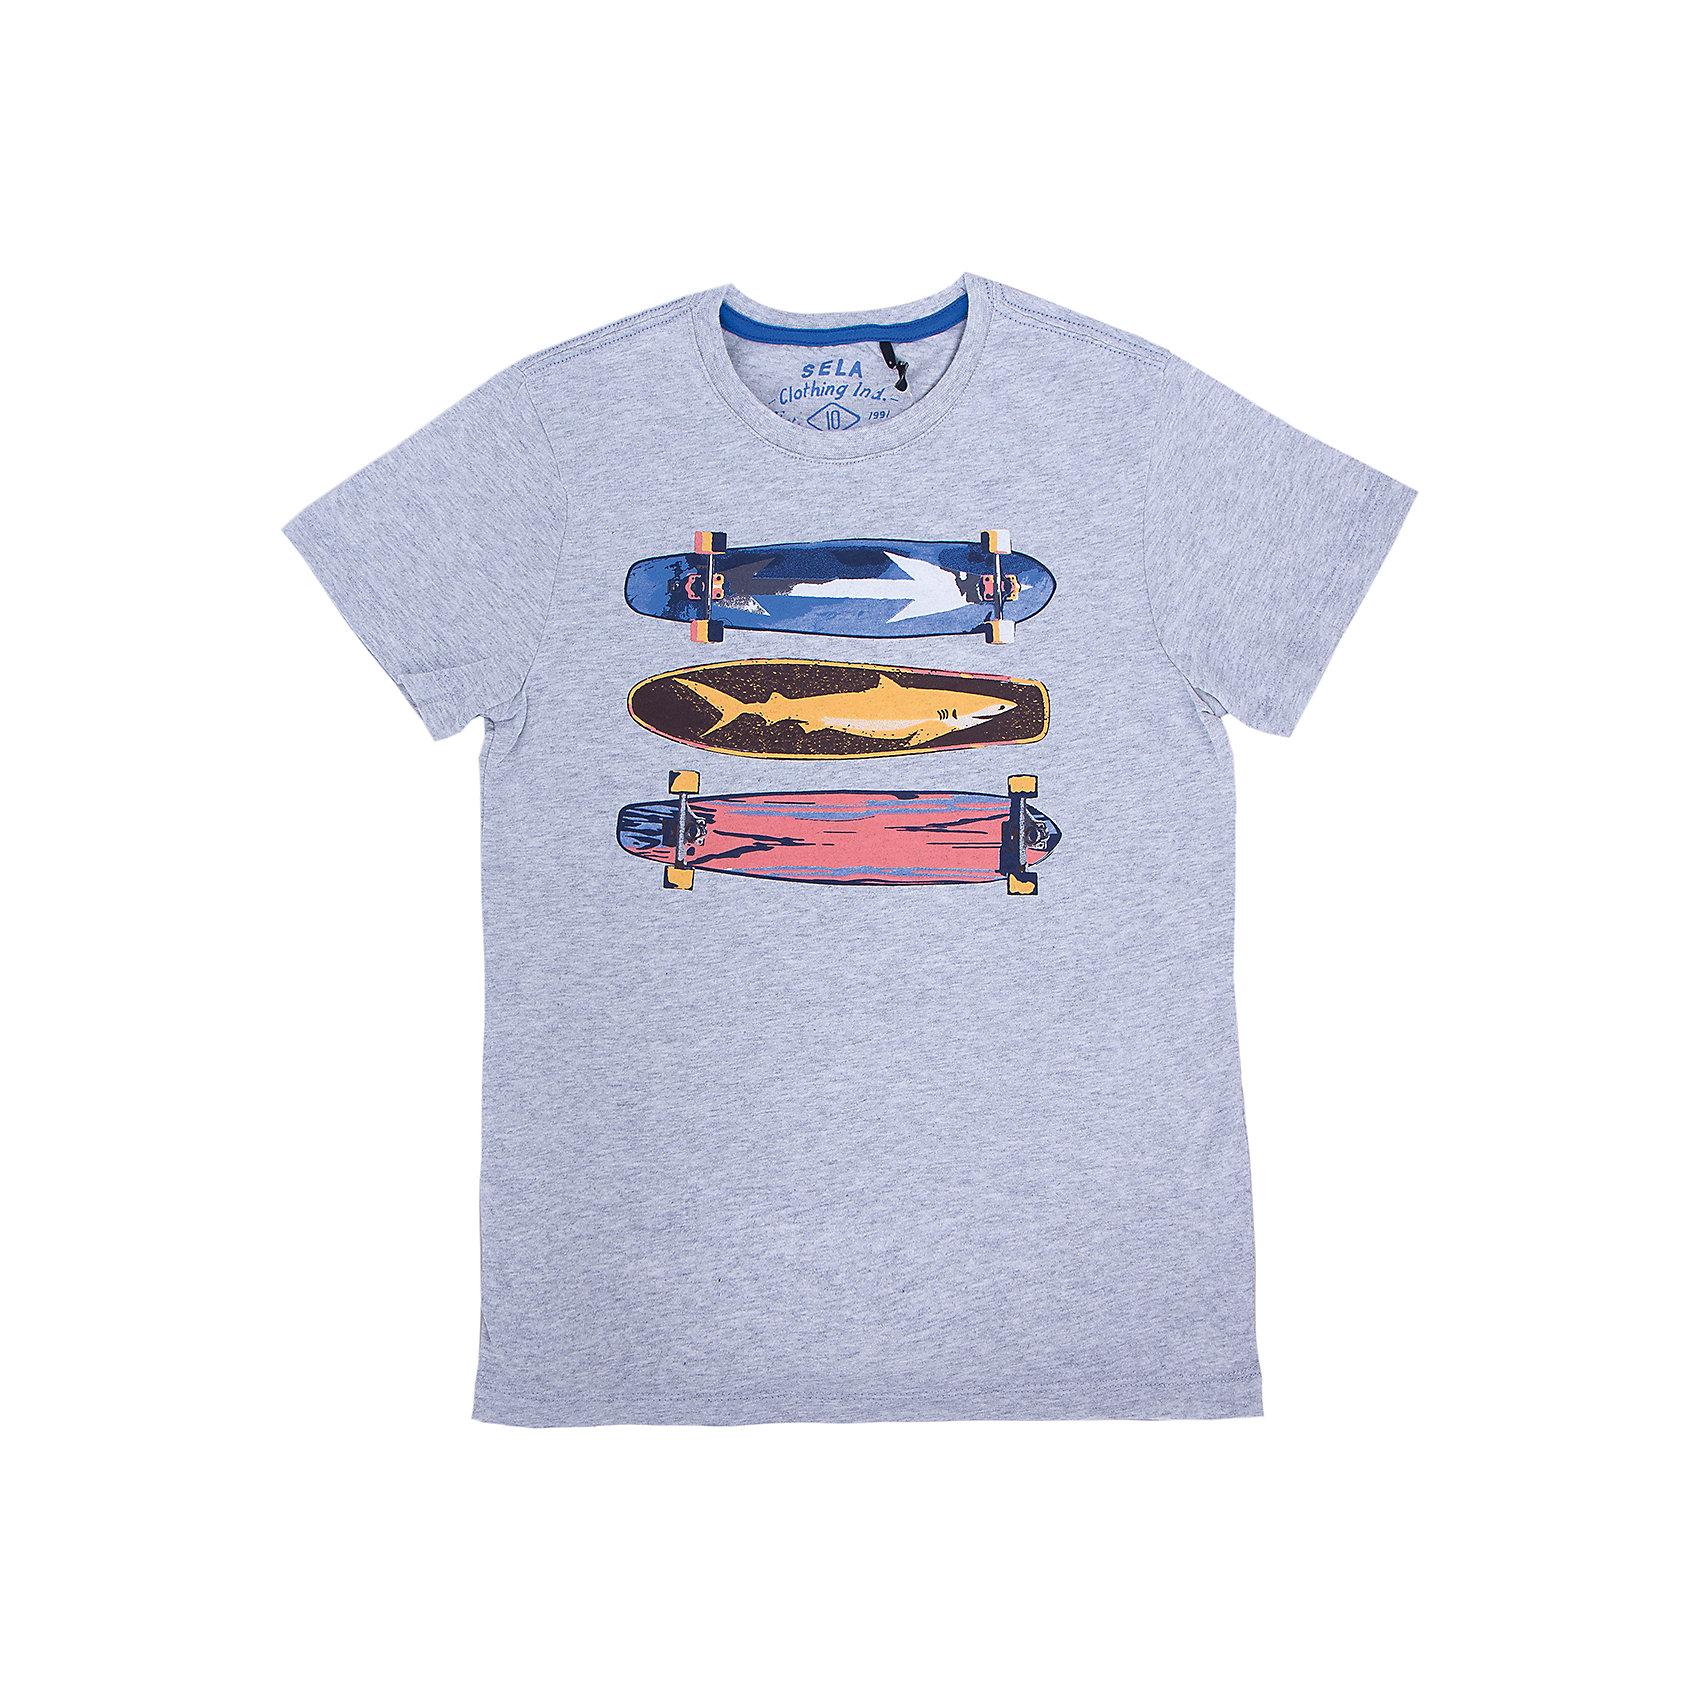 Футболка  для мальчика SELAУдобная стильная футболка от известной марки SELА поможет разнообразить летний гардероб мальчика, создать легкий подходящий погоде ансамбль. Удобный крой и качественный материал обеспечат ребенку комфорт при ношении этой вещи. <br>На горловине изделия - мягкая окантовка. Материал - натуральный хлопок, дышащий и гипоаллергенный. Футболка декорирована модным принтом.<br><br>Дополнительная информация:<br><br>материал: 100% хлопок;<br>цвет: разноцветный;<br>декорирована принтом;<br>короткие рукава;<br>круглый горловой вырез;<br>уход за изделием: стирка в машине при температуре до 30°С, не отбеливать, гладить при низкой температуре.<br><br>Футболку от бренда SELА (Села) можно купить в нашем магазине.<br><br>Ширина мм: 230<br>Глубина мм: 40<br>Высота мм: 220<br>Вес г: 250<br>Цвет: серый<br>Возраст от месяцев: 132<br>Возраст до месяцев: 144<br>Пол: Мужской<br>Возраст: Детский<br>Размер: 122,152,116,146,140,134,128<br>SKU: 4741335